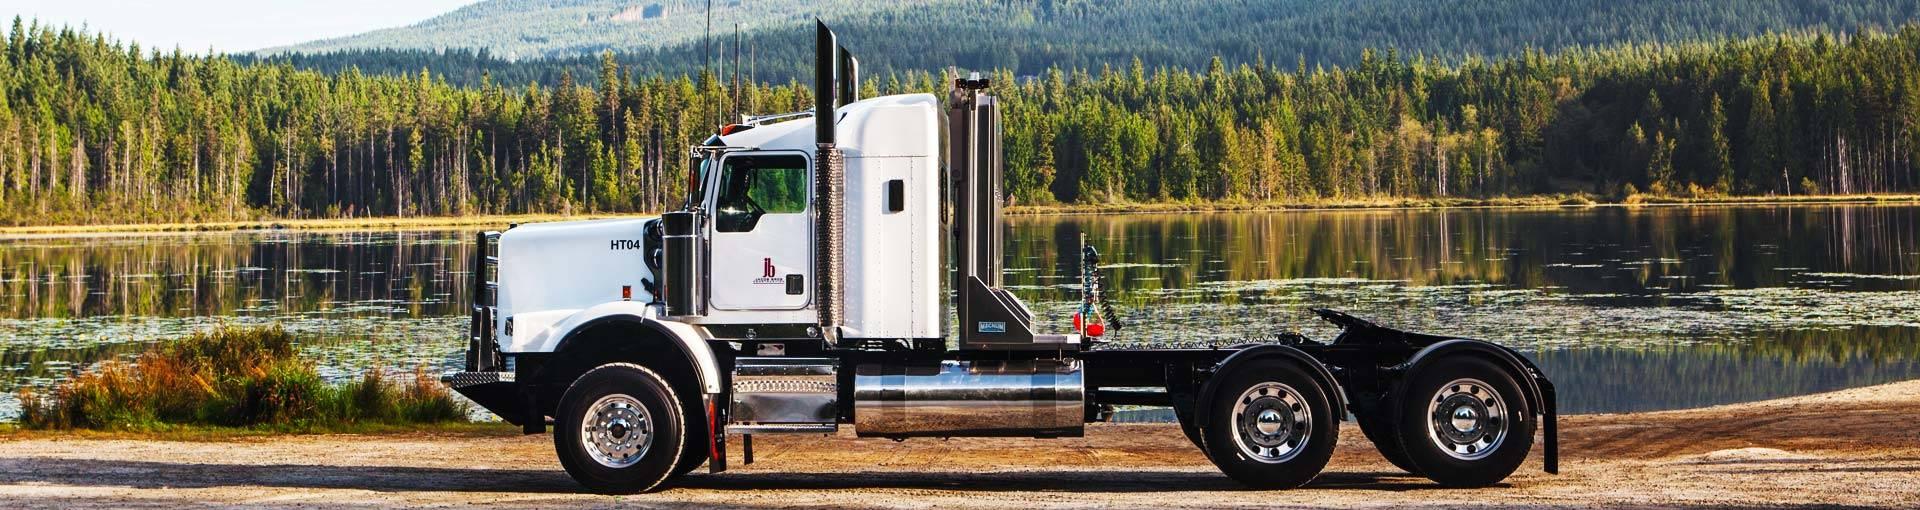 semi truck customs in bc